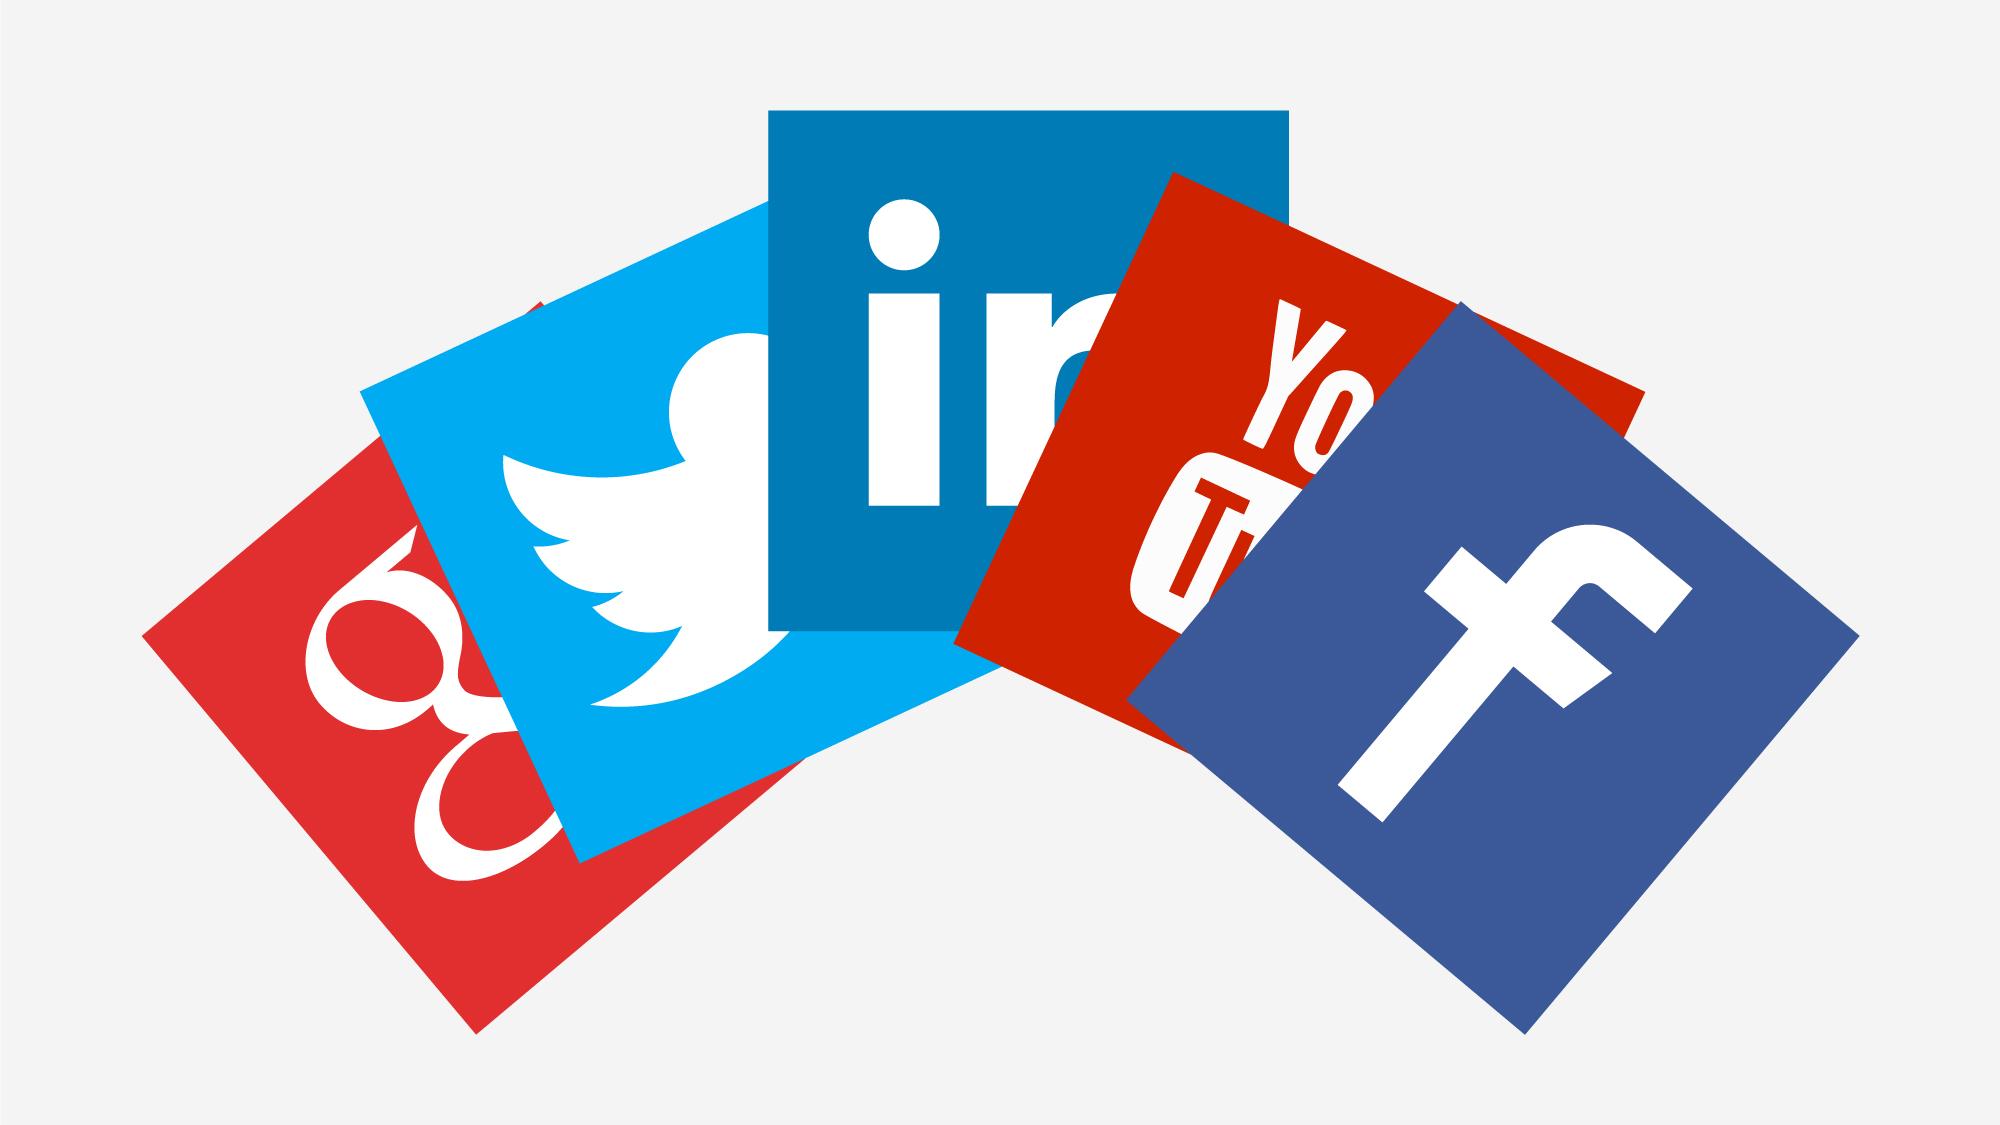 ¿Por qué contratar Social Media? - Piel GD - Colombia -México